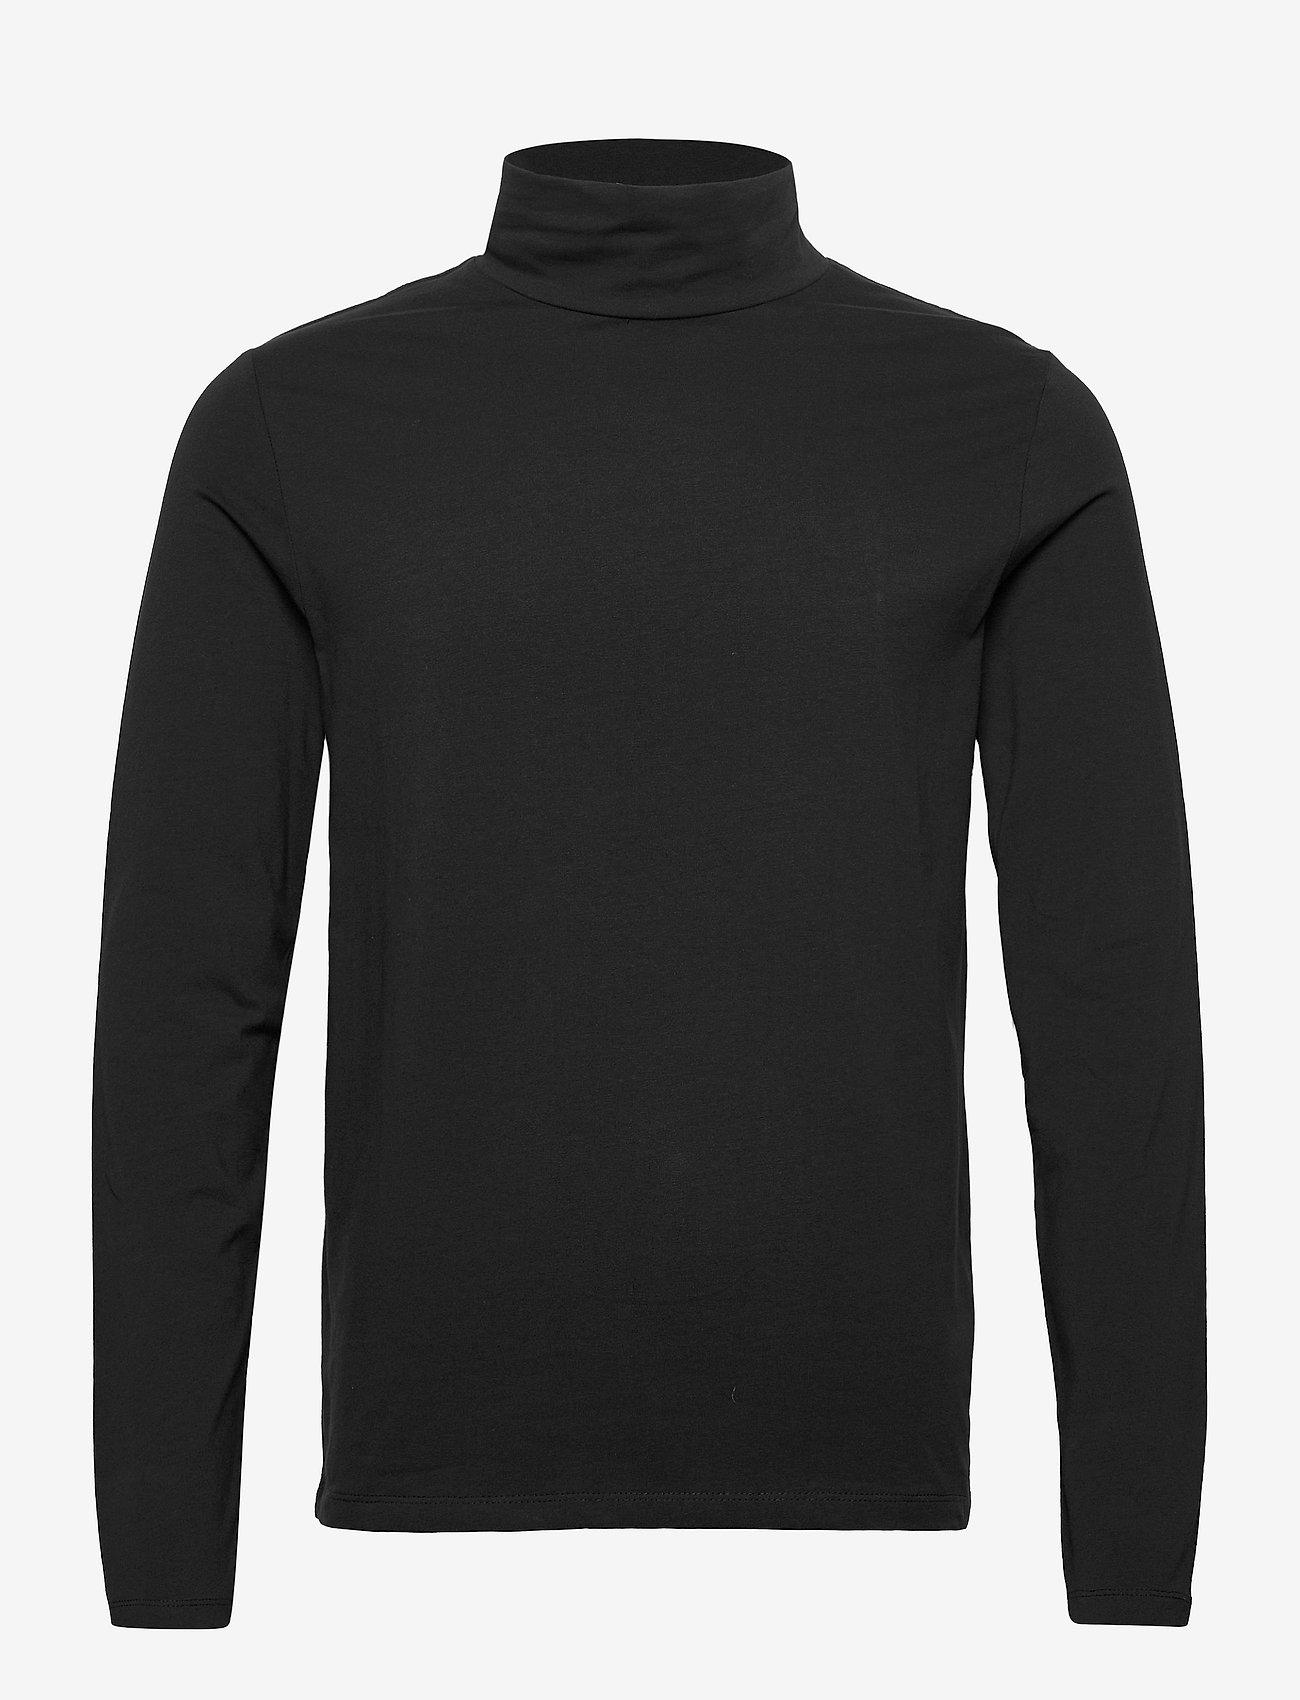 Lindbergh Turtle neck tee L/S - T-skjorter BLACK - Menn Klær